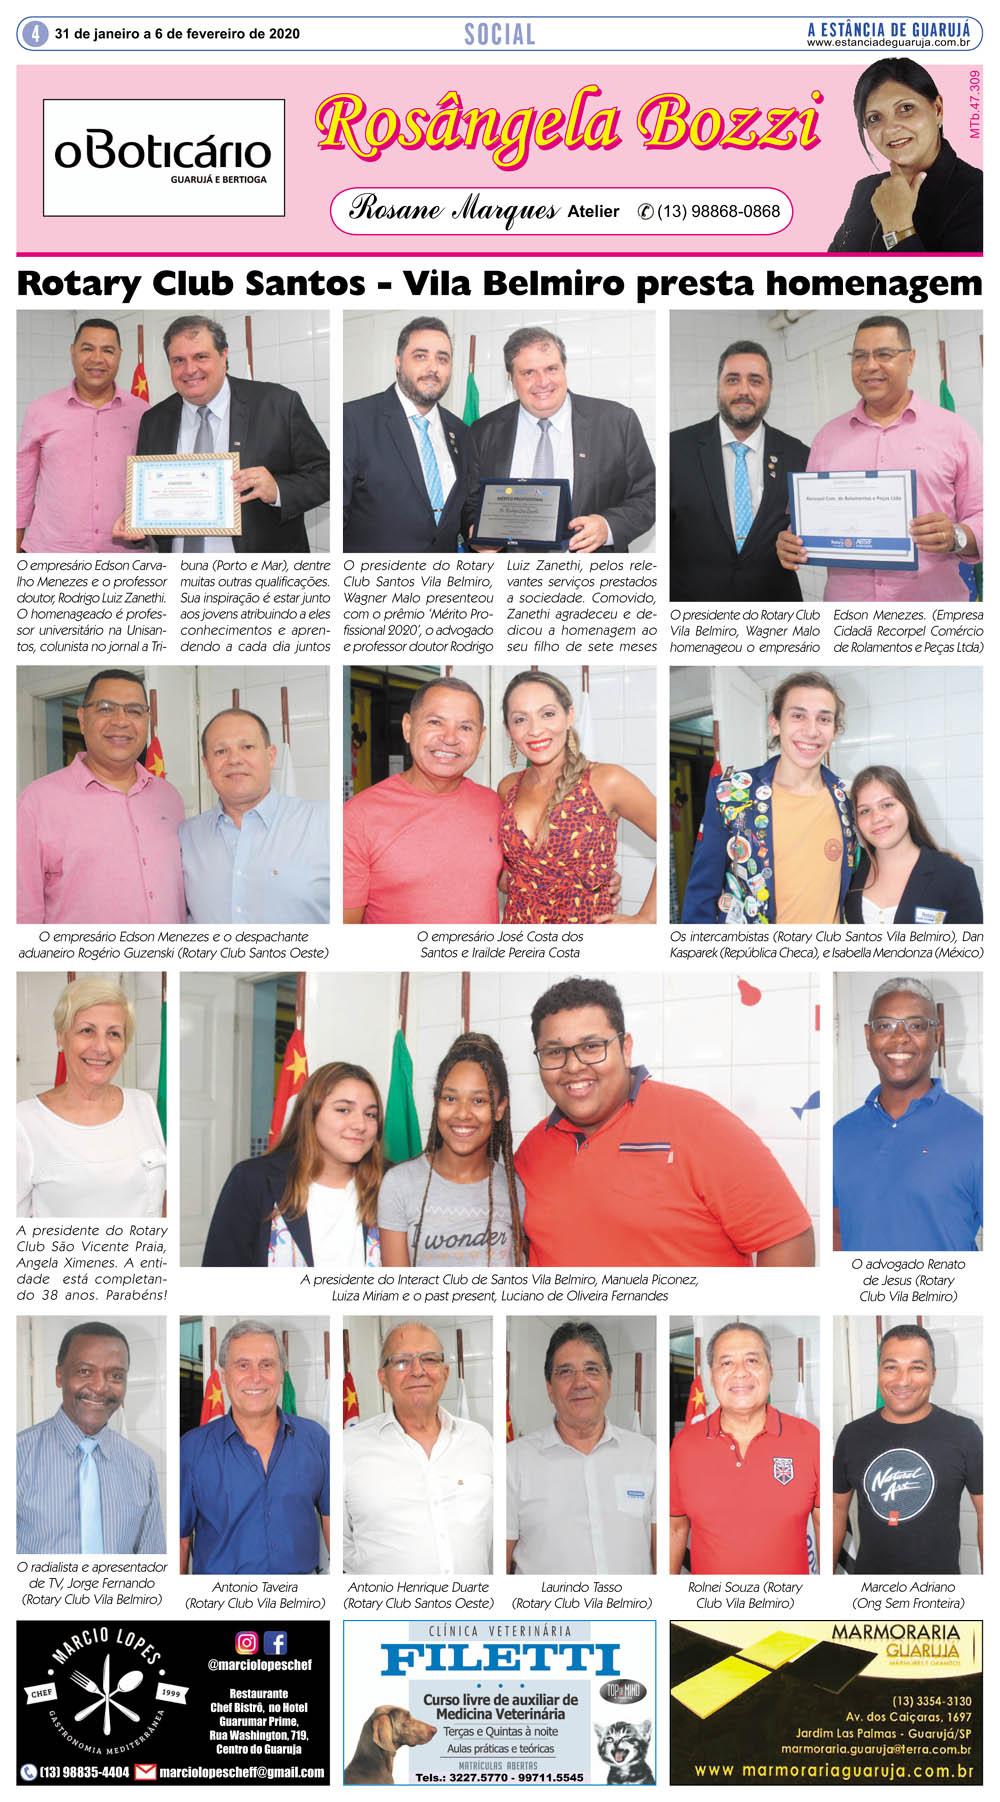 Rotary Club Santos Vila Belmiro presta homenagem